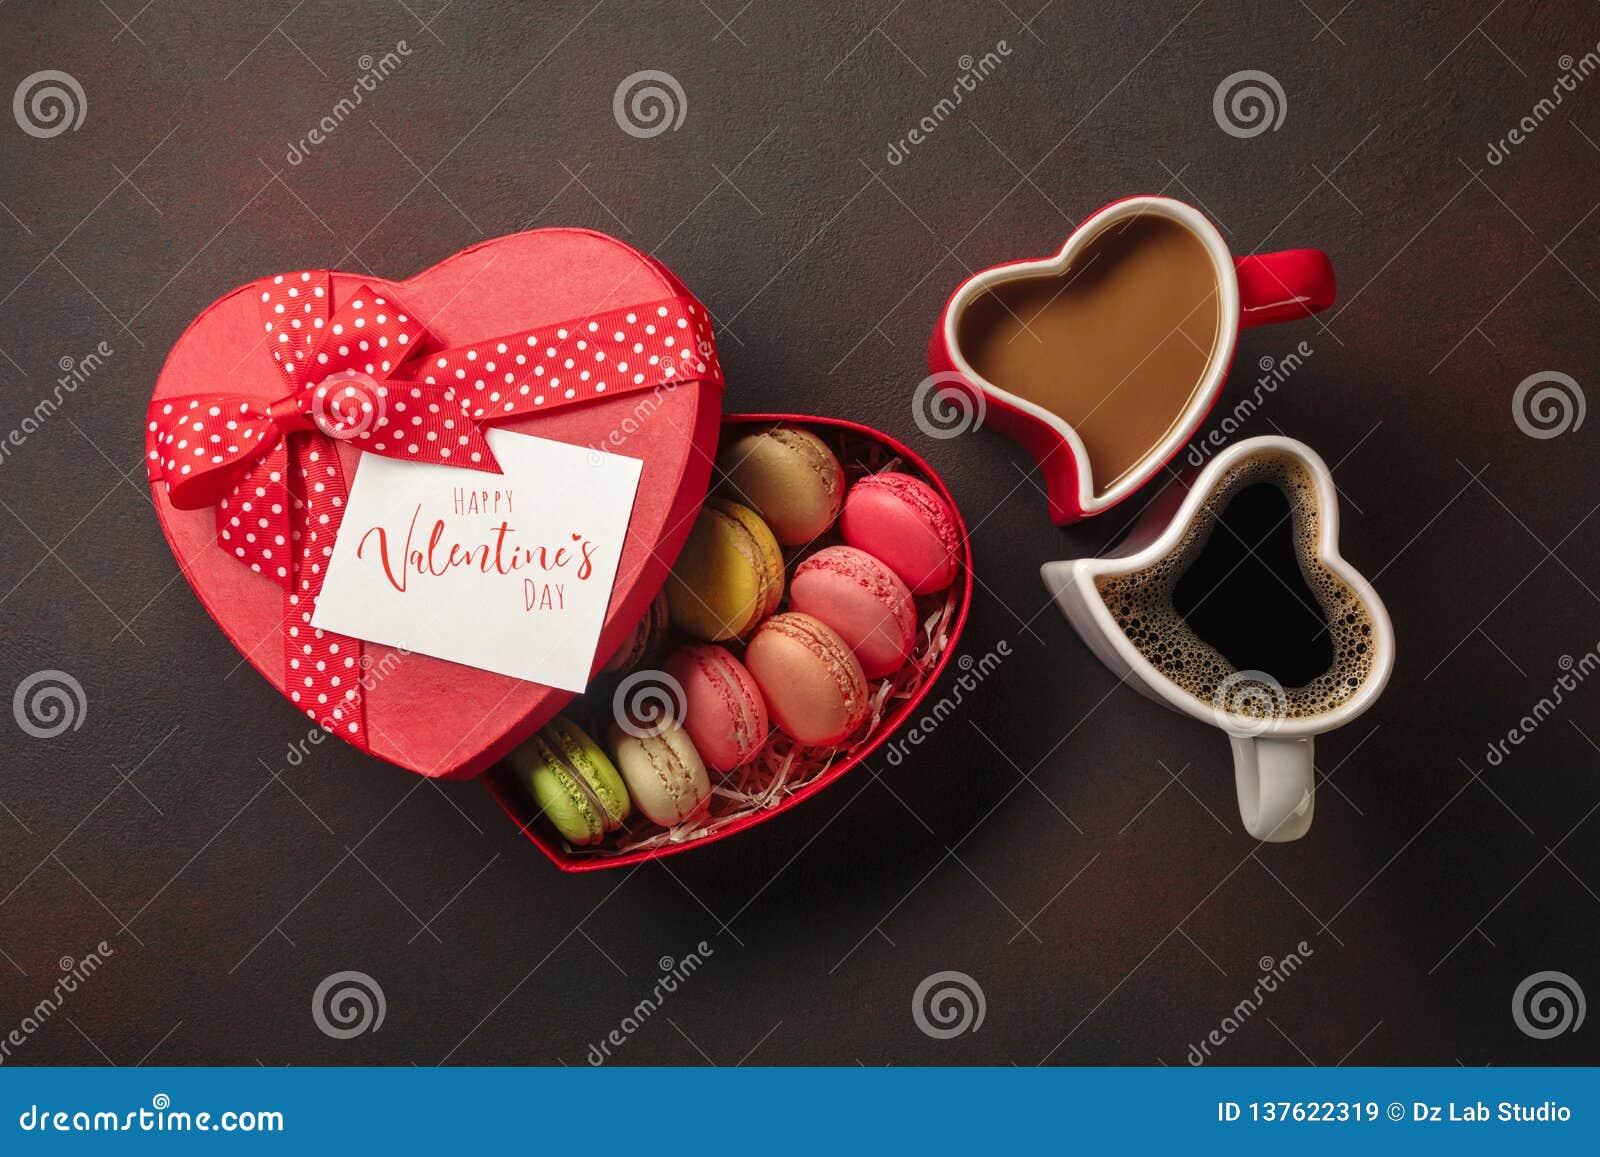 Saint-Valentin avec des cadeaux, une boîte en forme de coeur, des tasses de café, des biscuits en forme de coeur, des macarons et